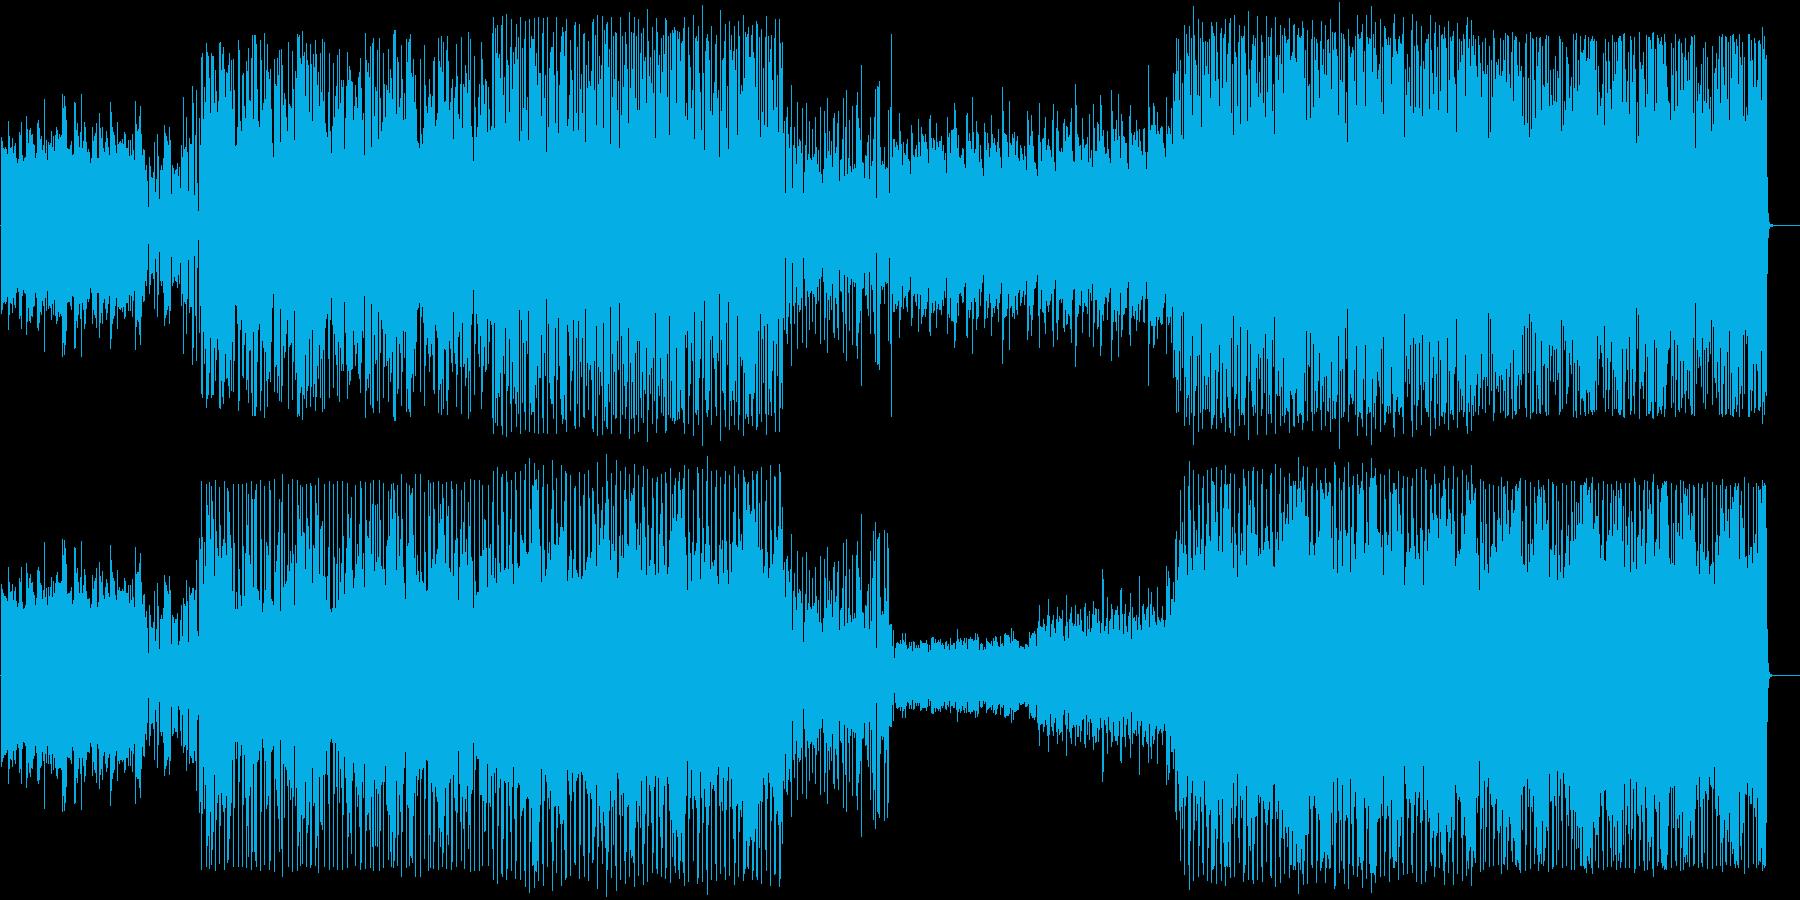 ピアノによるシリアスな曲の再生済みの波形